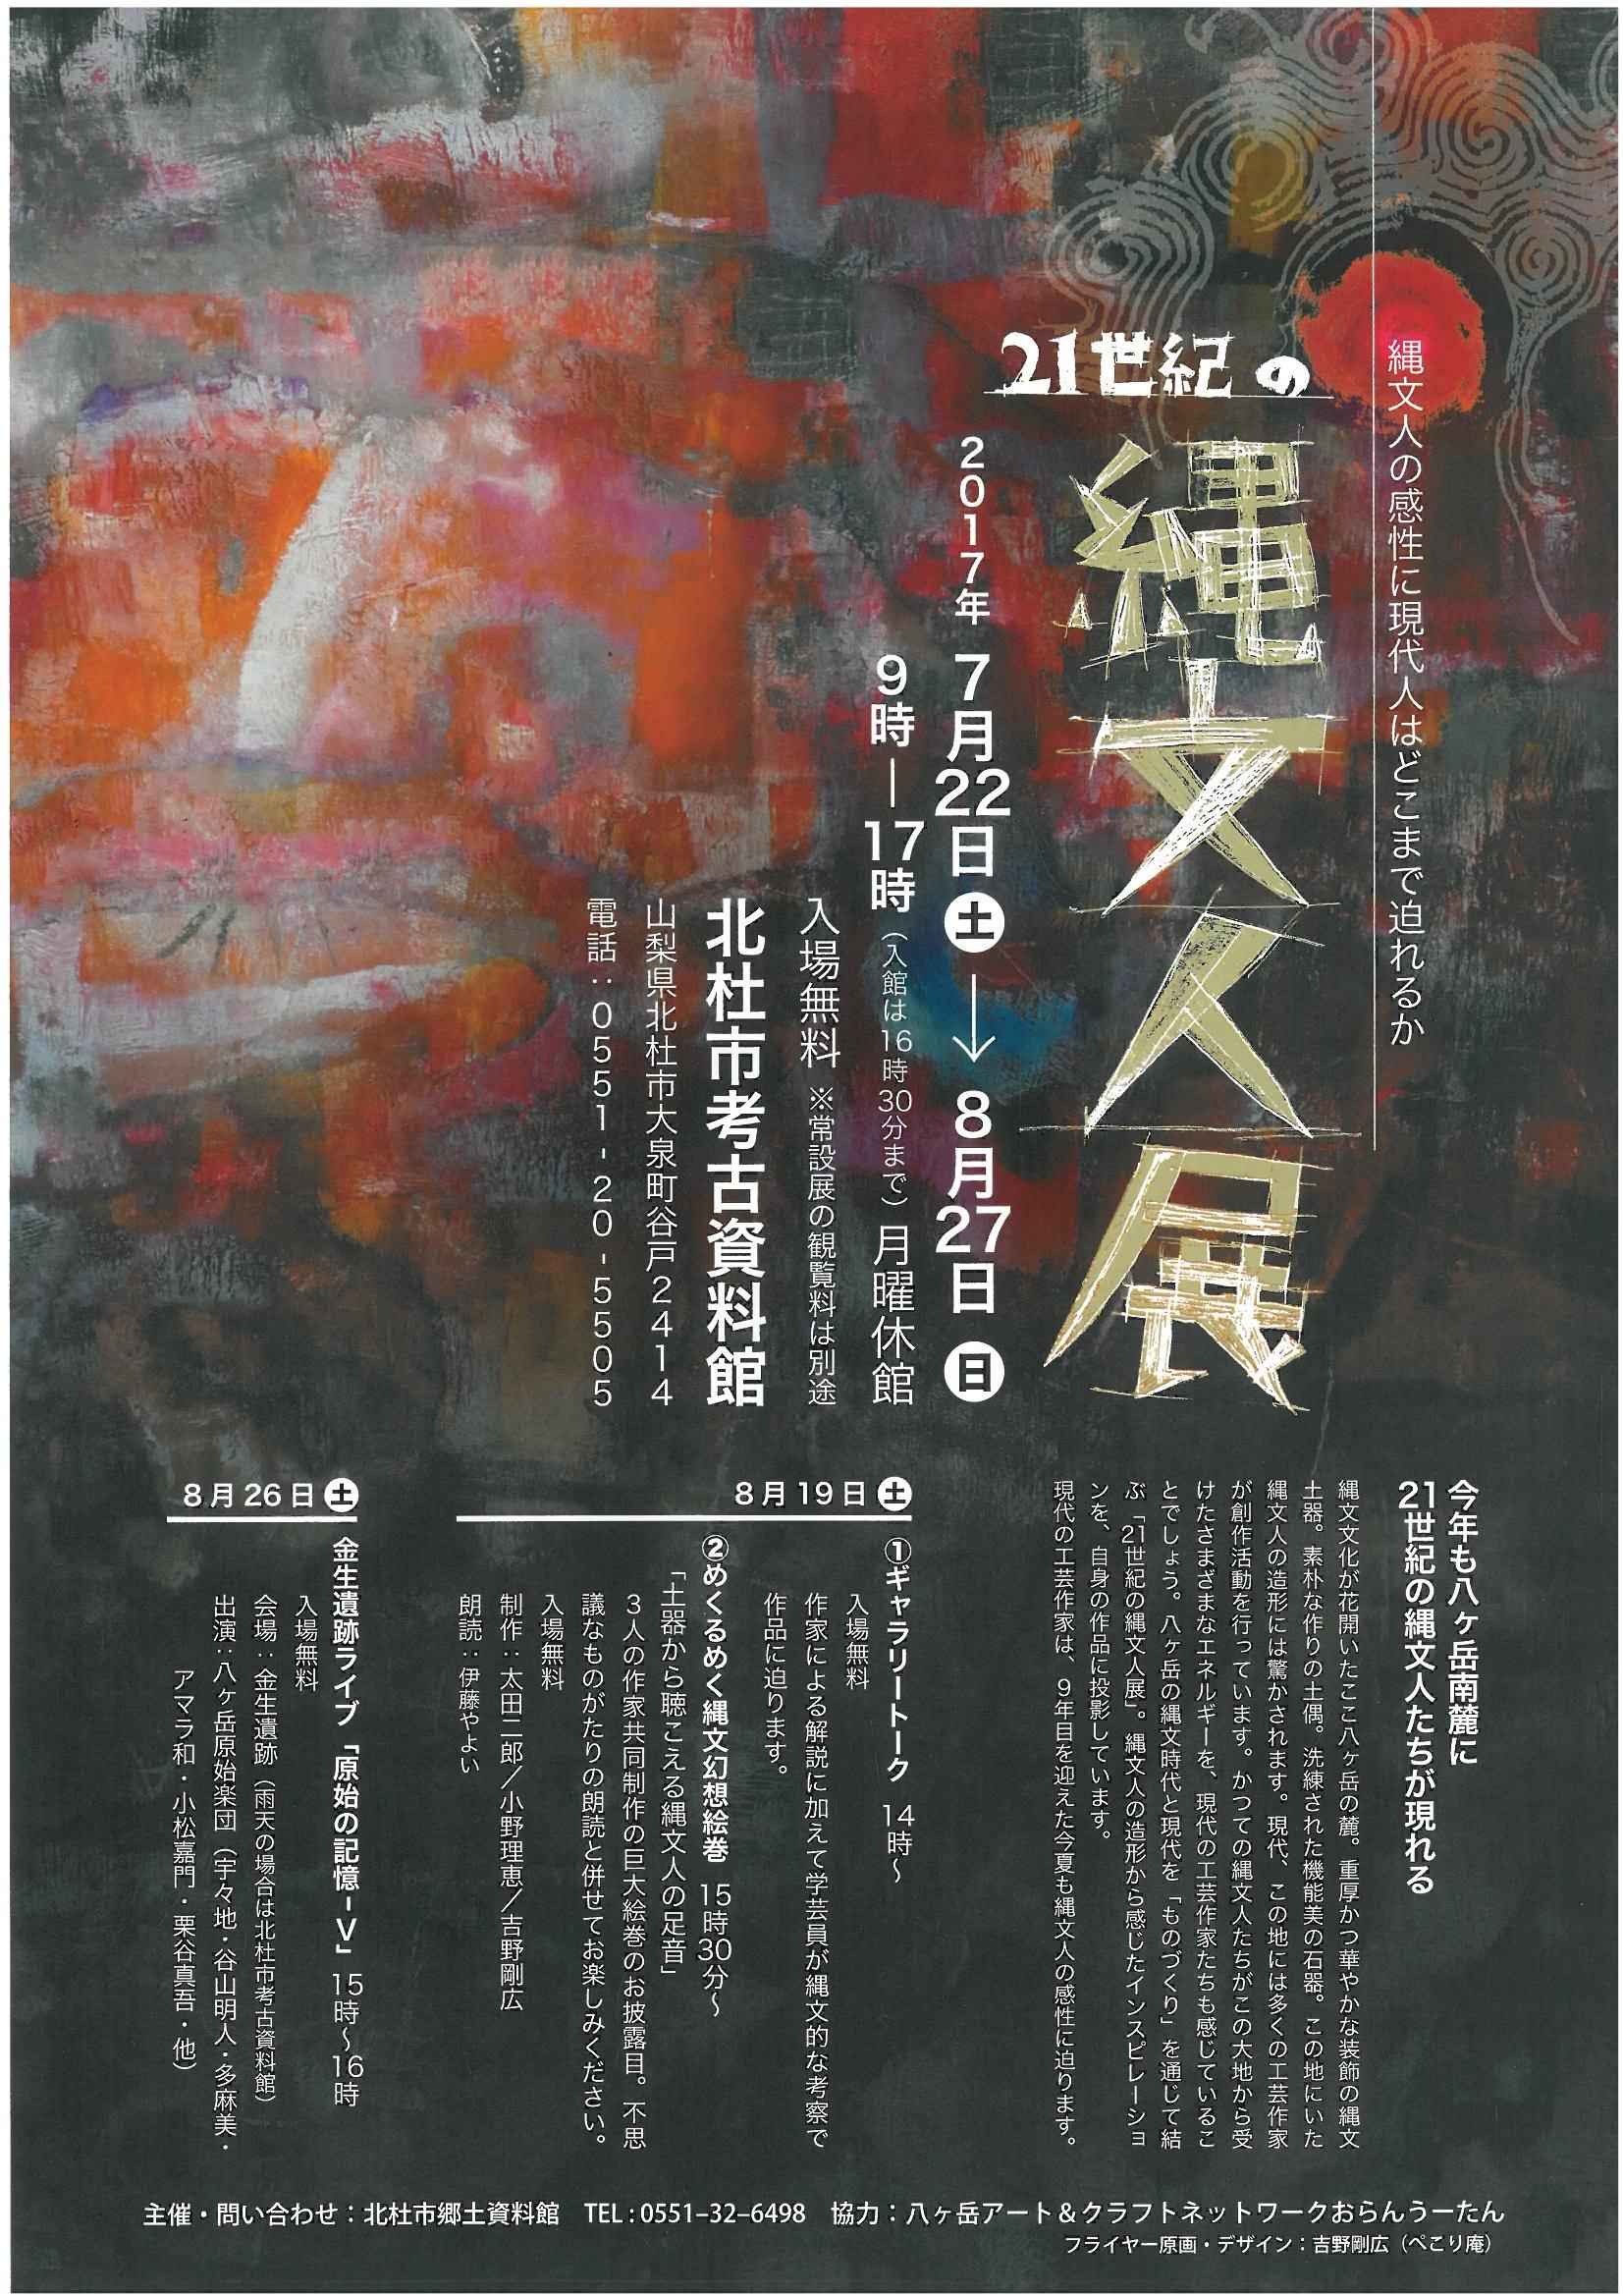 21世紀の縄文人展 2017